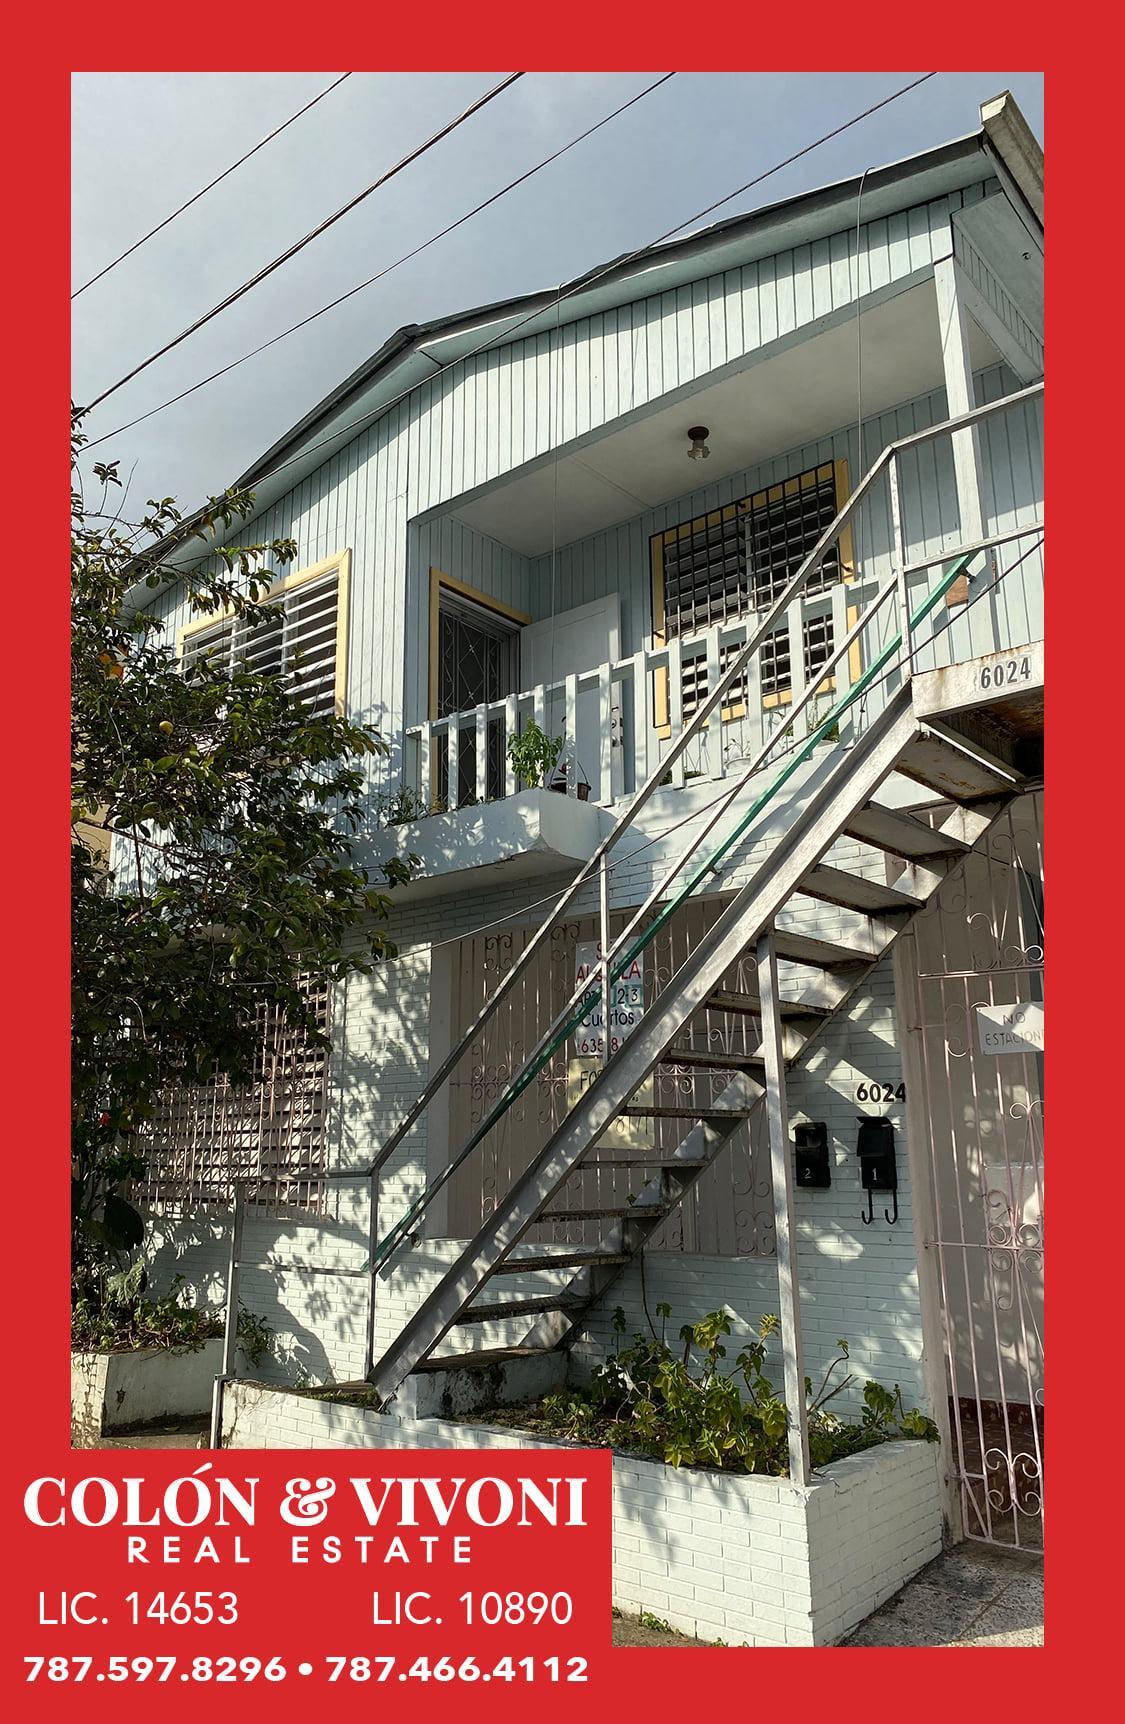 Calle R Martinez Torres Terrace Mayaguez, PR 00680